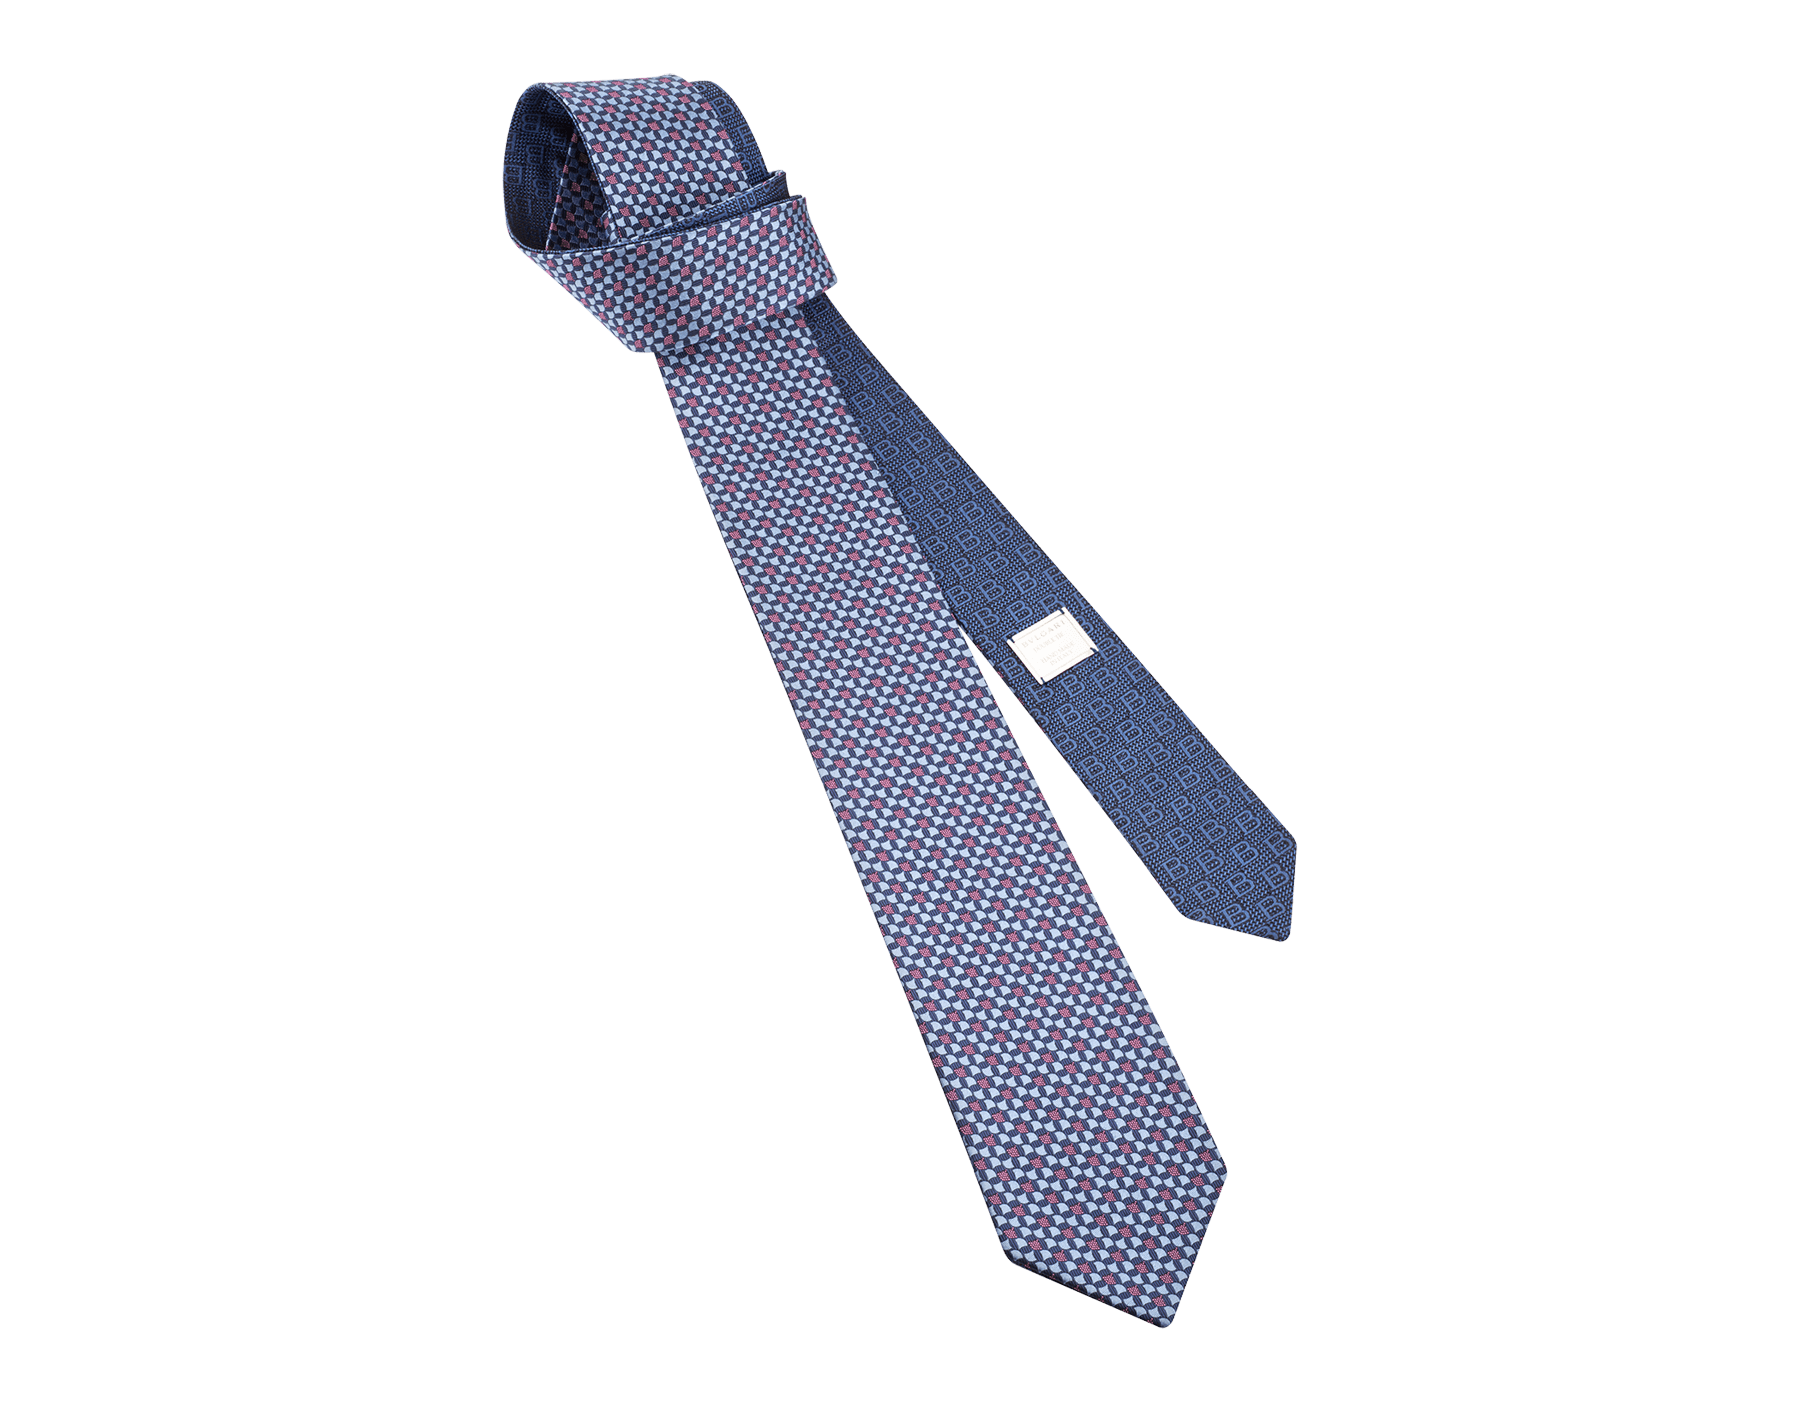 ブルーのダブル ビー・ディーヴァ ネクタイ。上質なジャカードシルク製。 244439 image 1